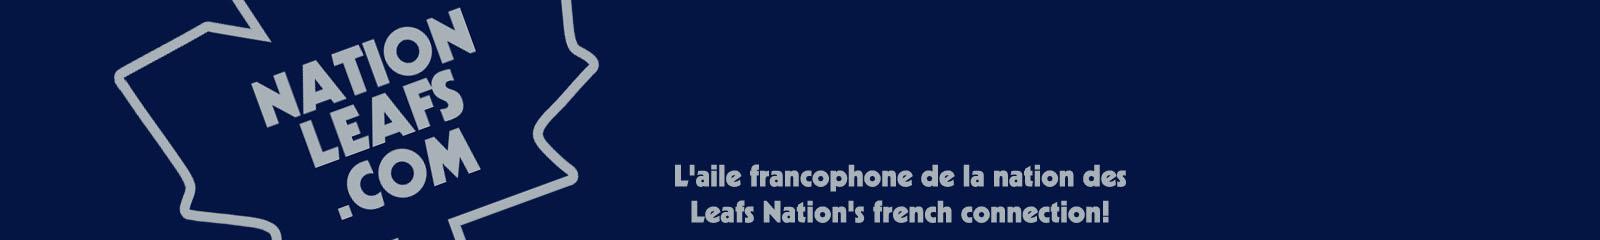 NationLeafs.com